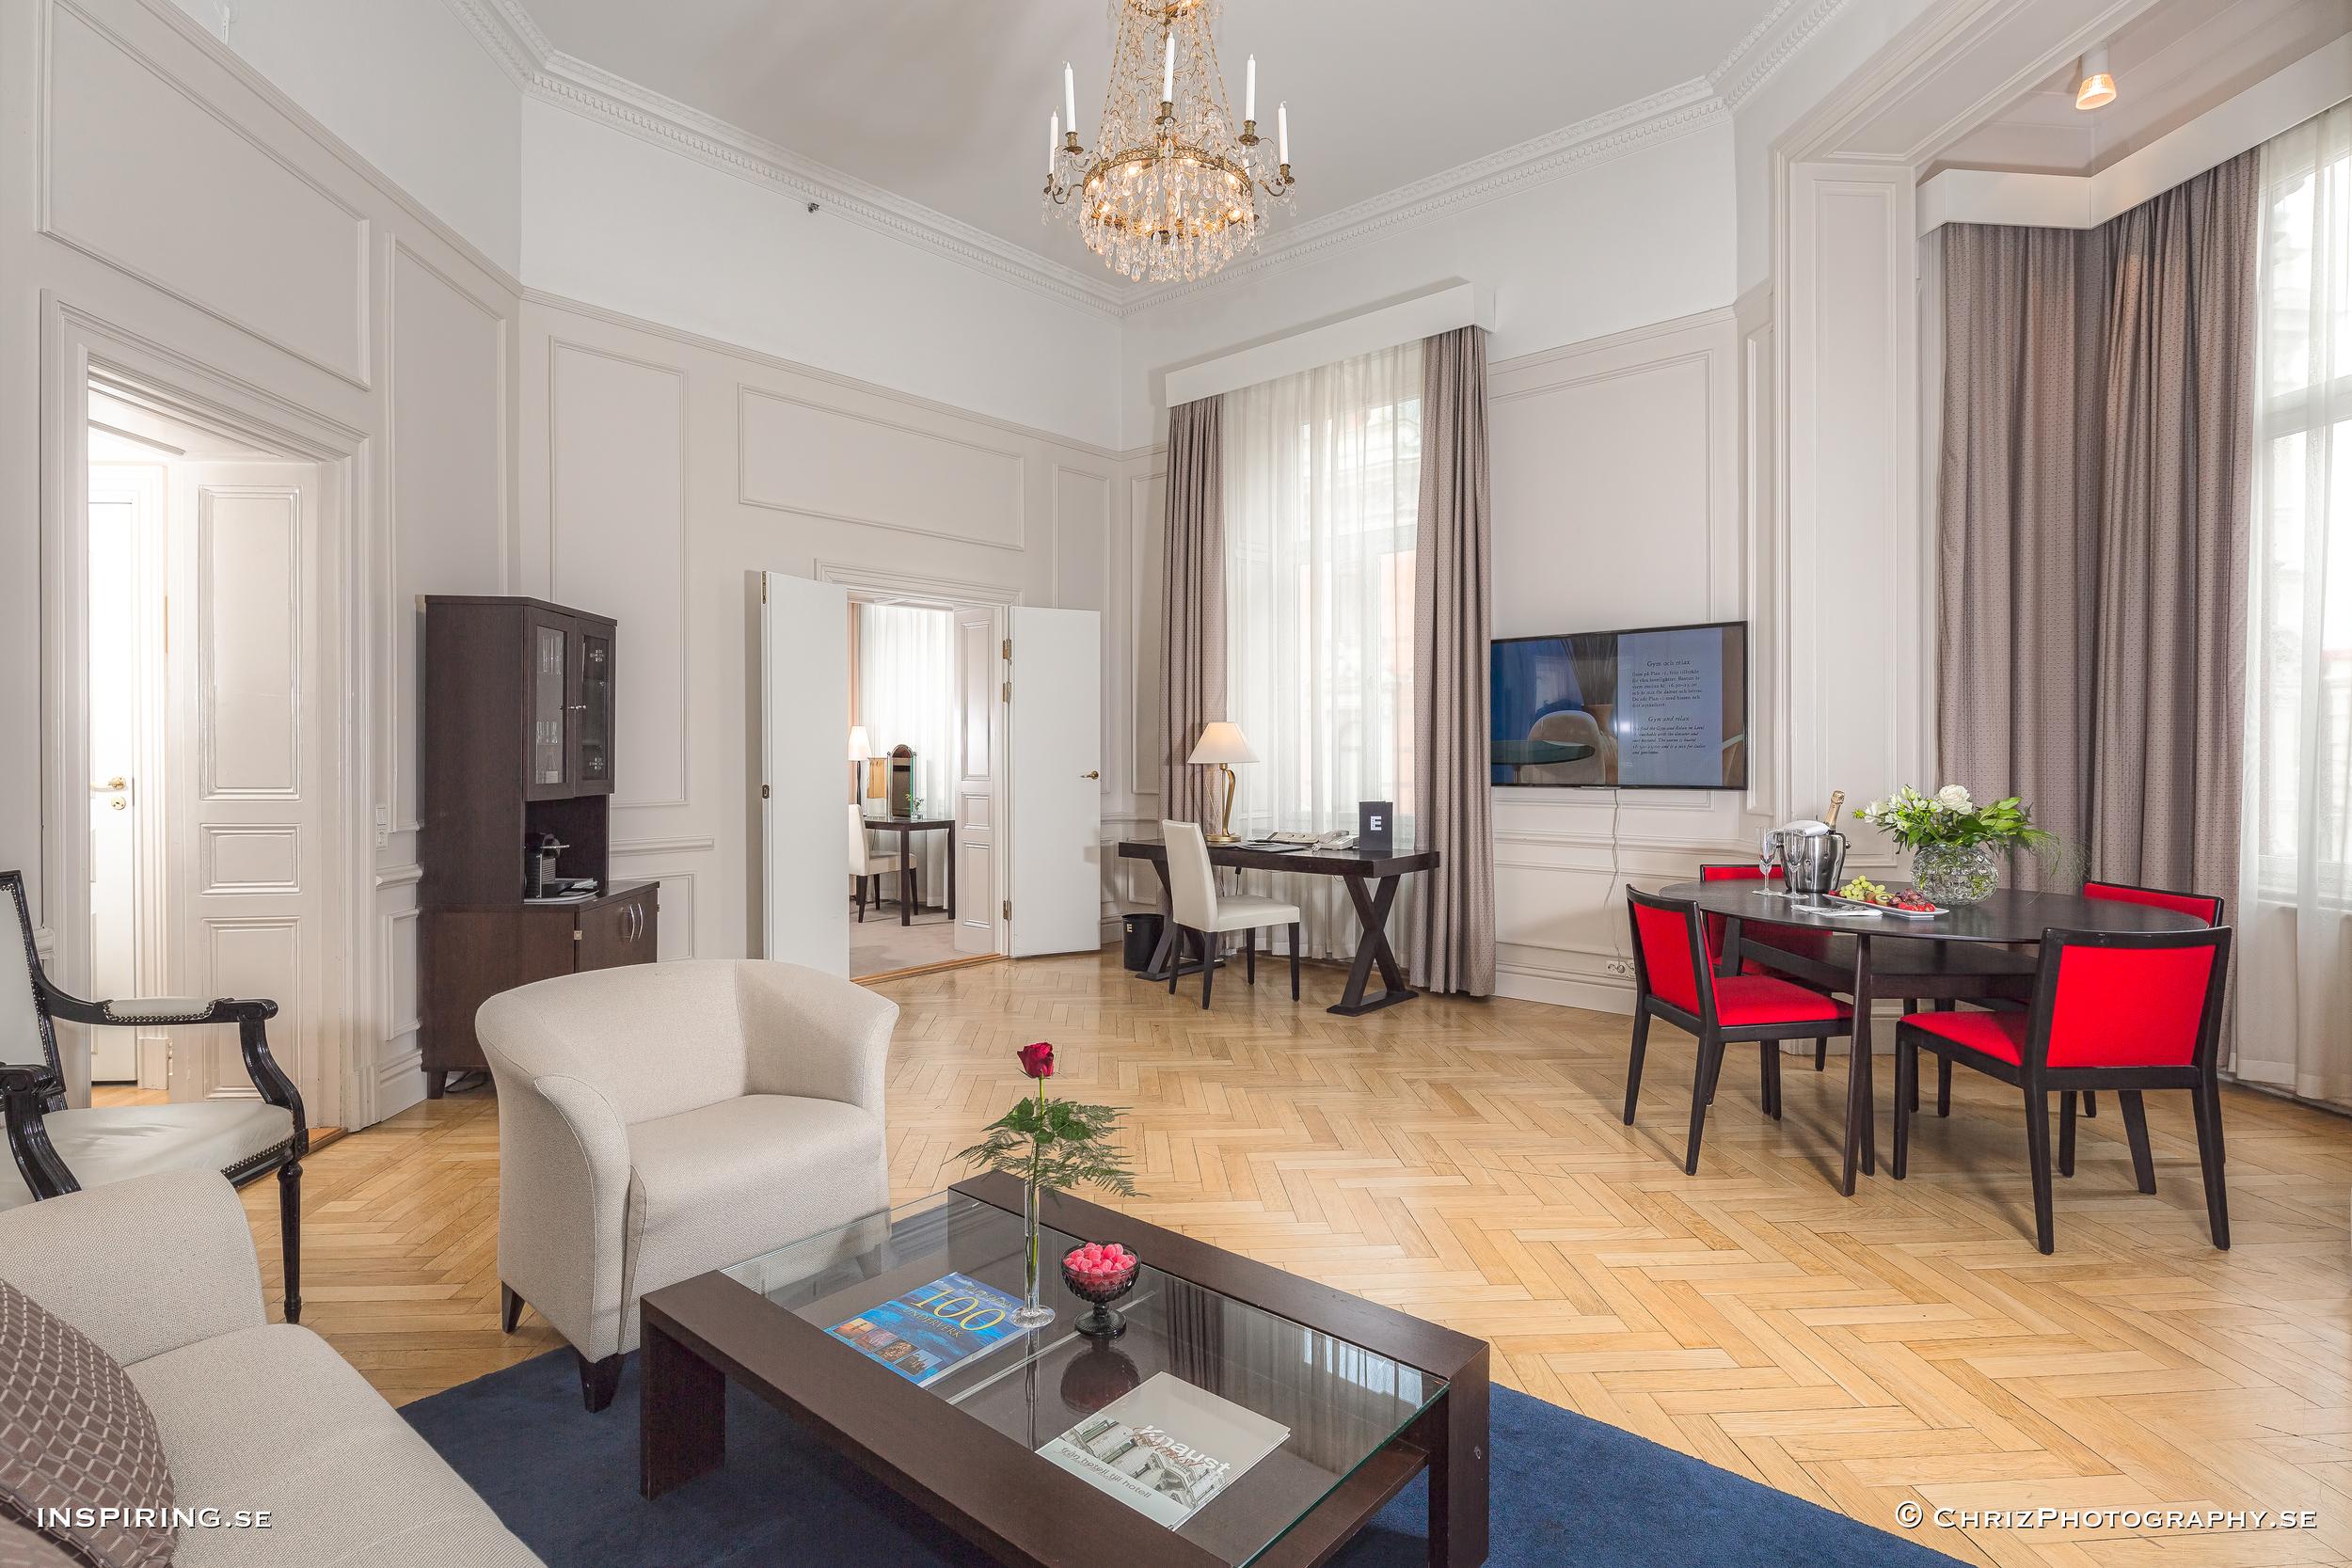 Elite_Hotel_Knaust_Inspiring.se_copyright_ChrizPhotography.se_6.jpg